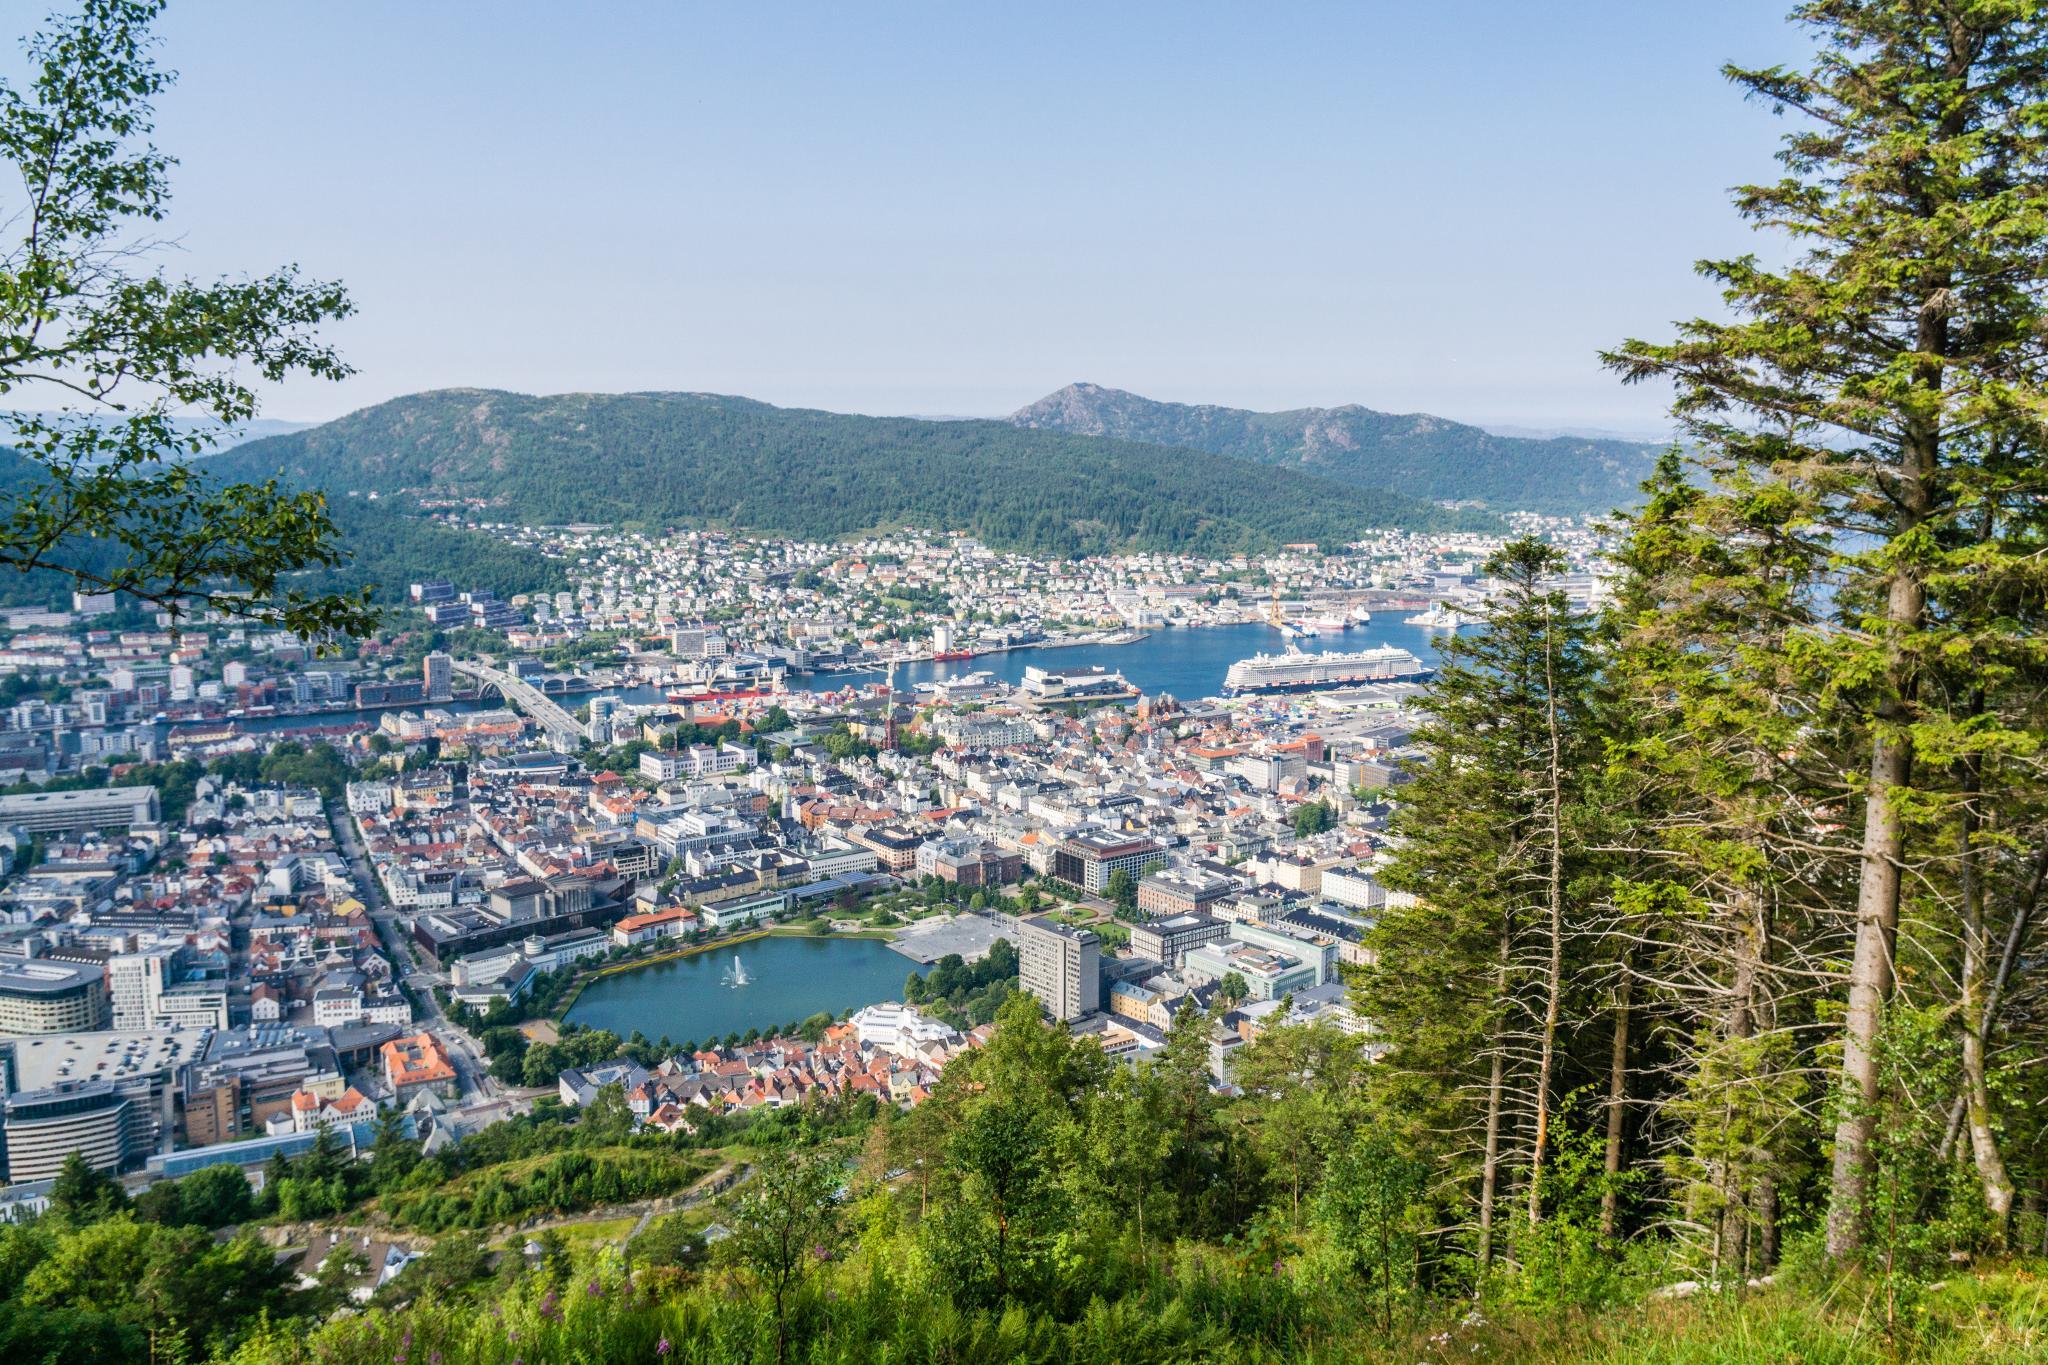 【卑爾根】超級震撼的隱藏版挪威景點 — Stoltzekleiven桑德維克斯石梯與Fløyen佛洛伊恩觀景台大縱走 34